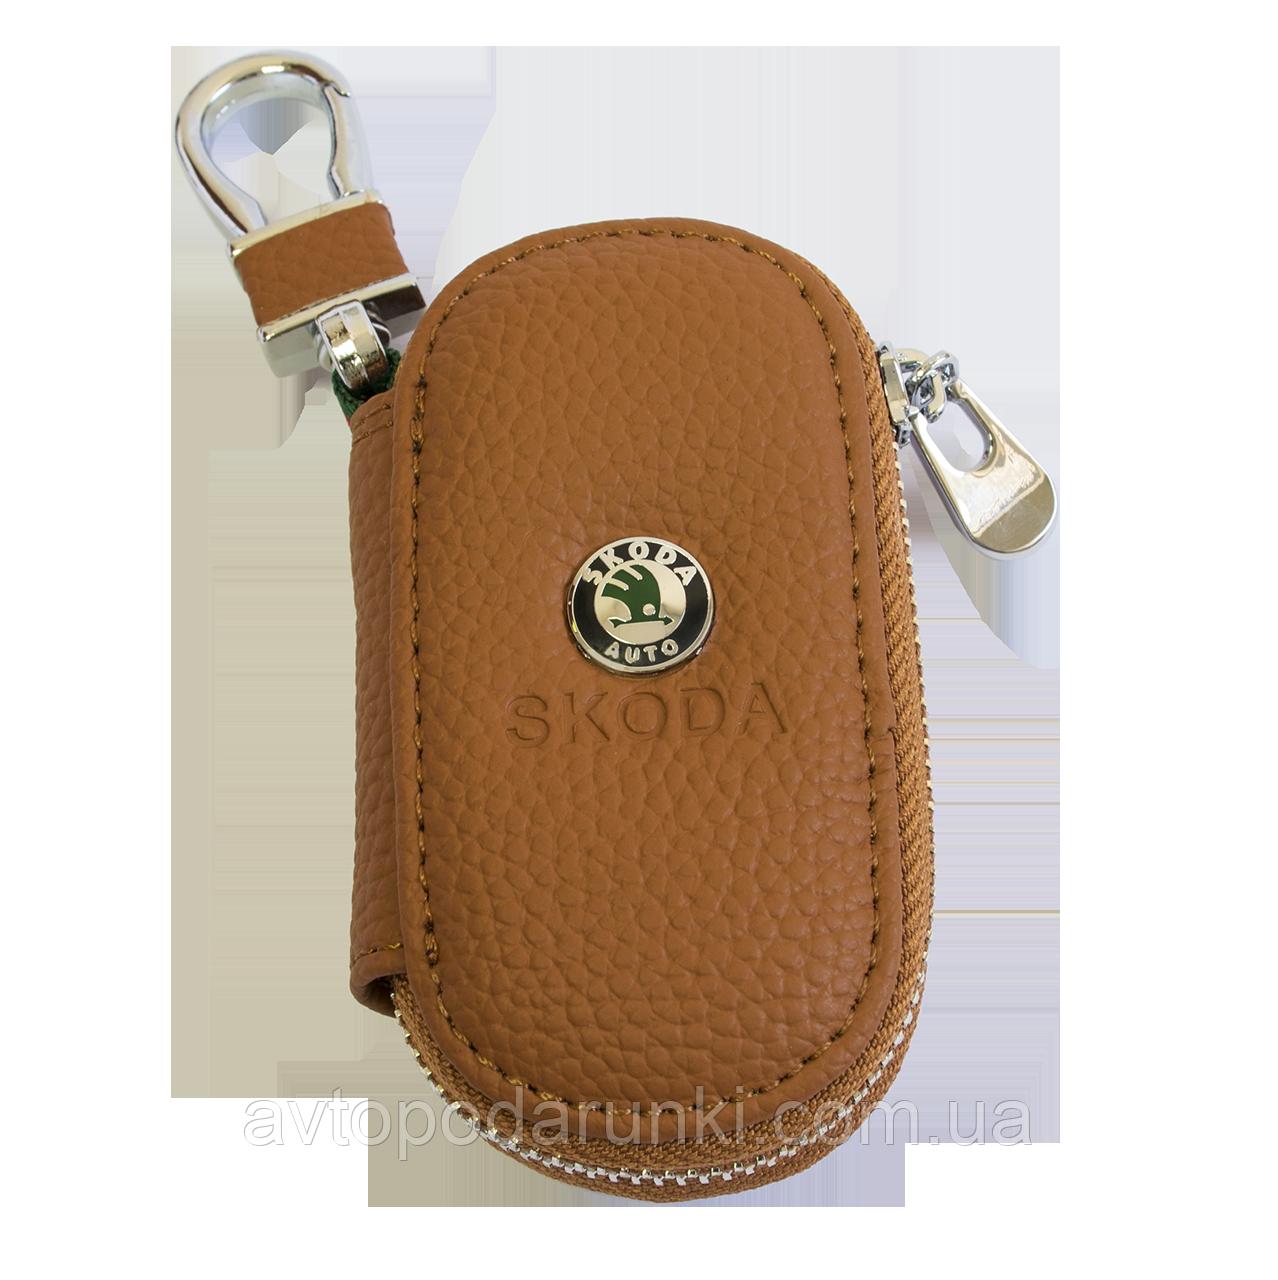 Ключница SKODA, кожаная автоключница с логотипом  ШКОДА (коричневая 22001)